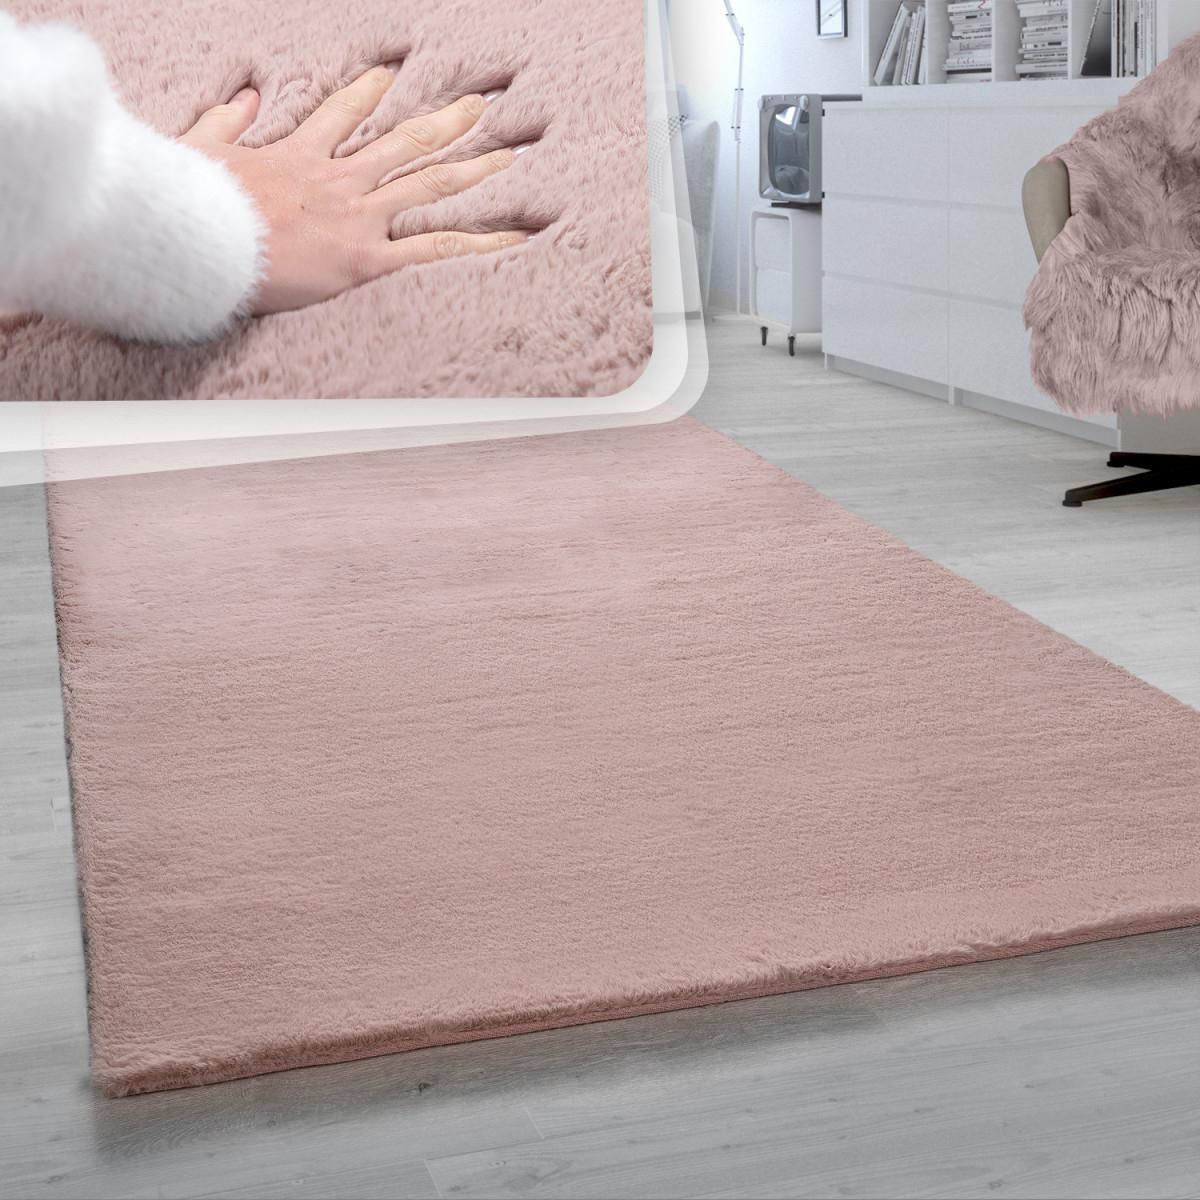 Details Zu Shaggy Teppich Wohnzimmer Rosa Pink Schlafzimmer Hochflor Fell  Kuschelig Weich von Wohnzimmer Teppich Altrosa Photo